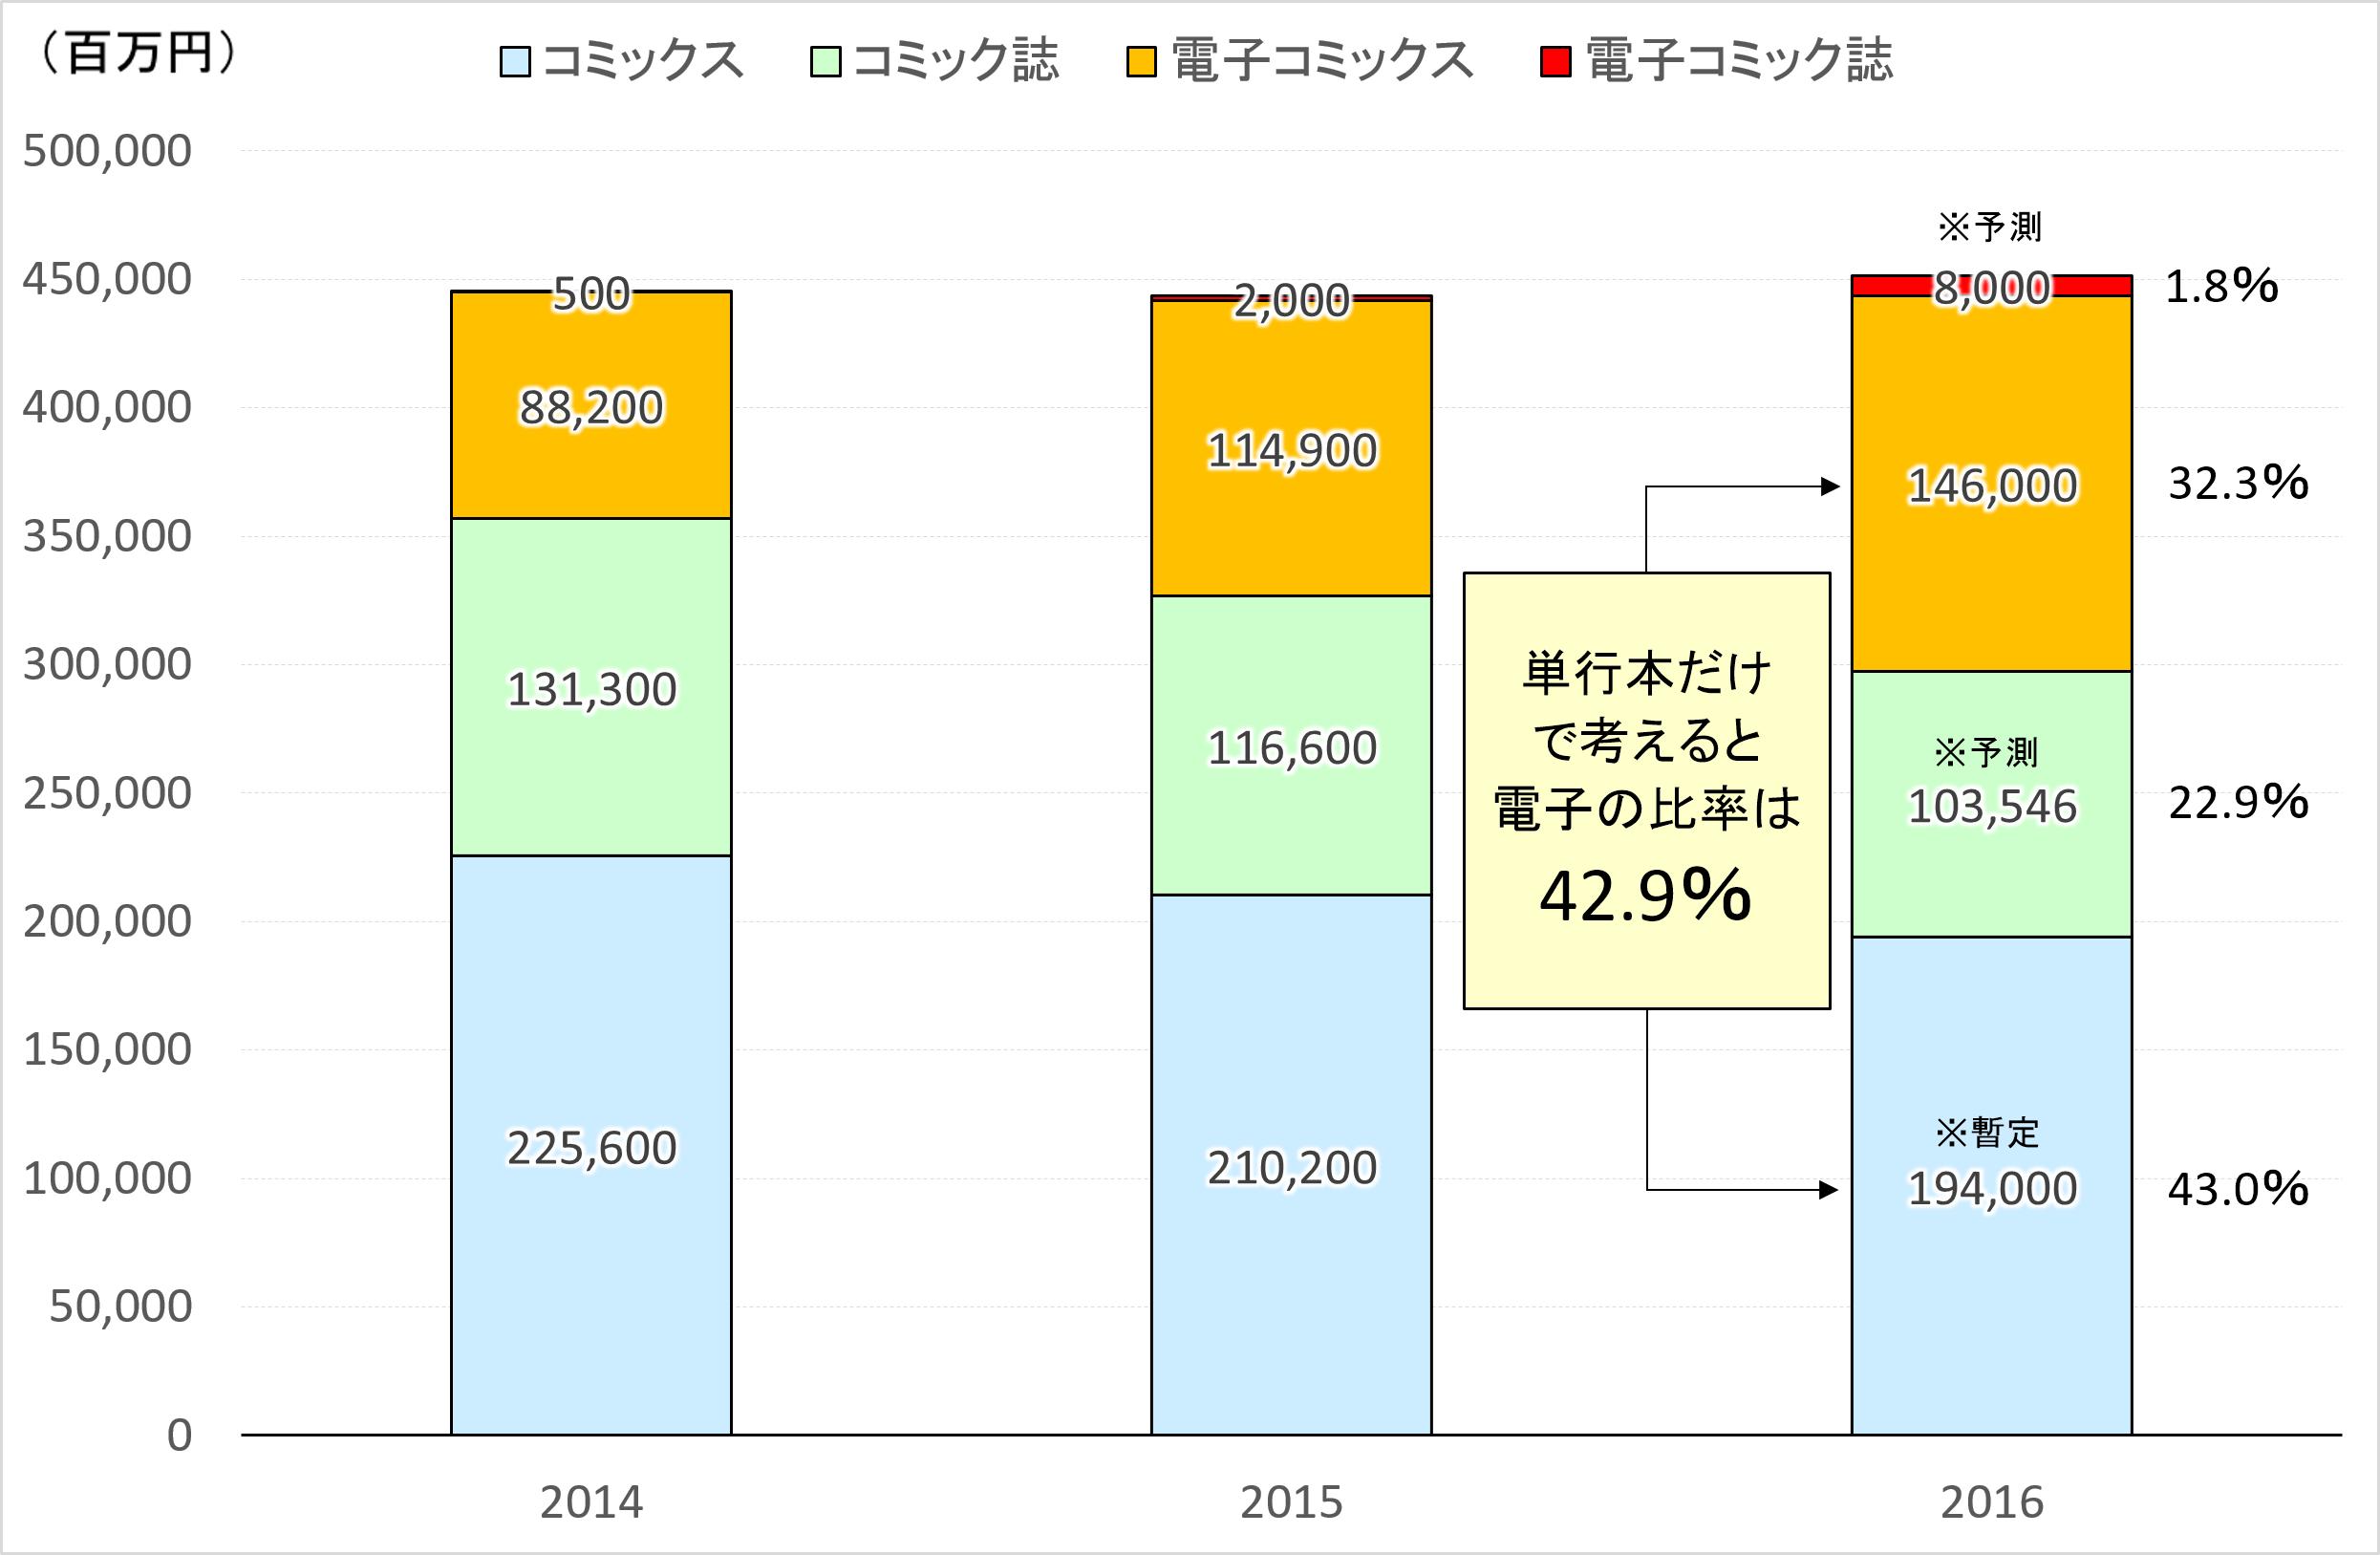 コミック市場全体に対する電子の割合の推移(グラフ作成:筆者)